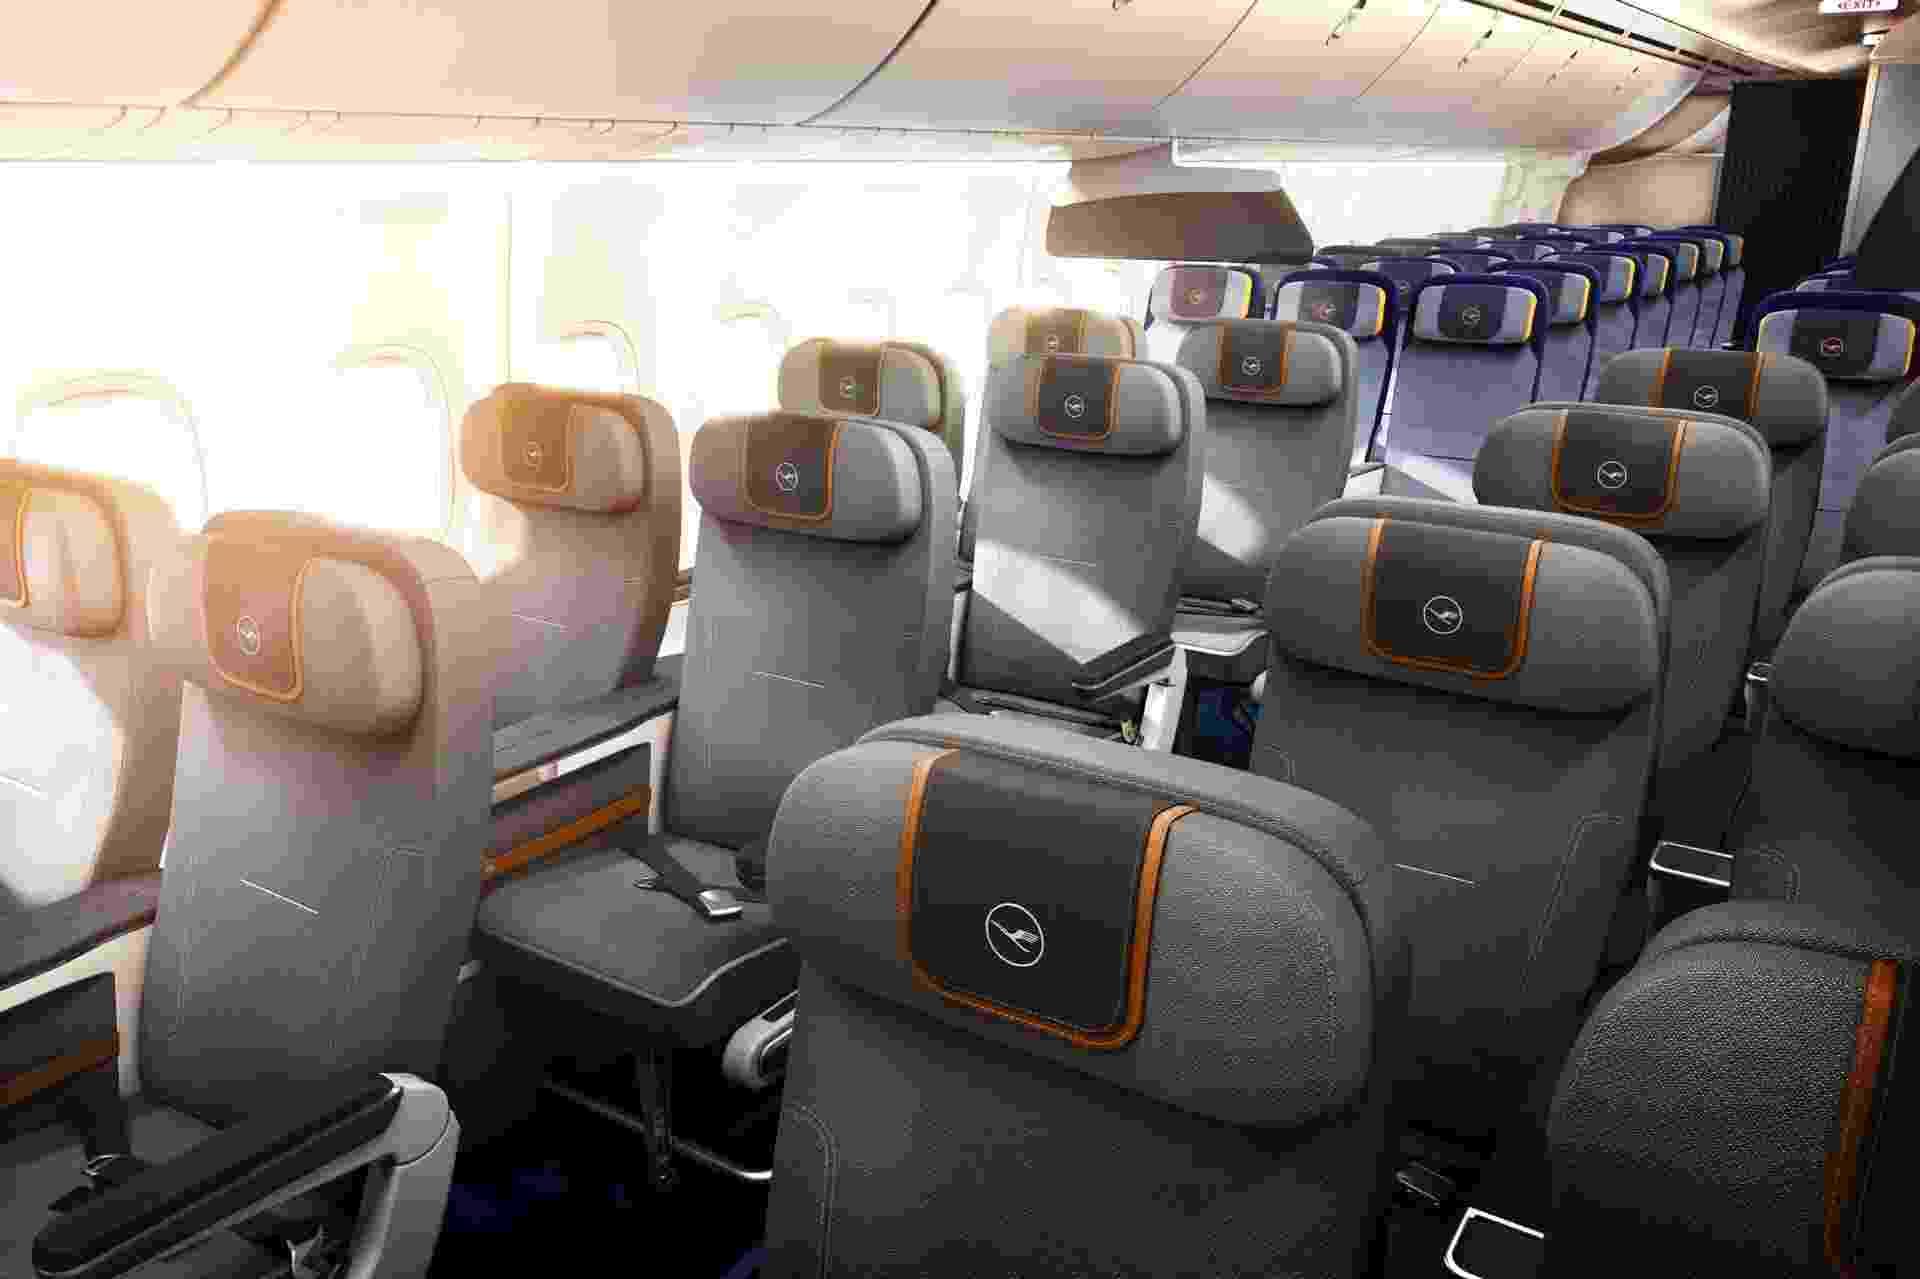 07.ago.2014- A companhia aérea alemã Lufthansa vai lançar em 10 de dezembro a classe econômica premium, que vai ter 50% a mais de espaço que a econômica convencional. Quem quiser um assento na classe vip, terá que pagar até US$ 500 a mais. Clique nas fotos acima para conhecer a nova classe - Divulgação